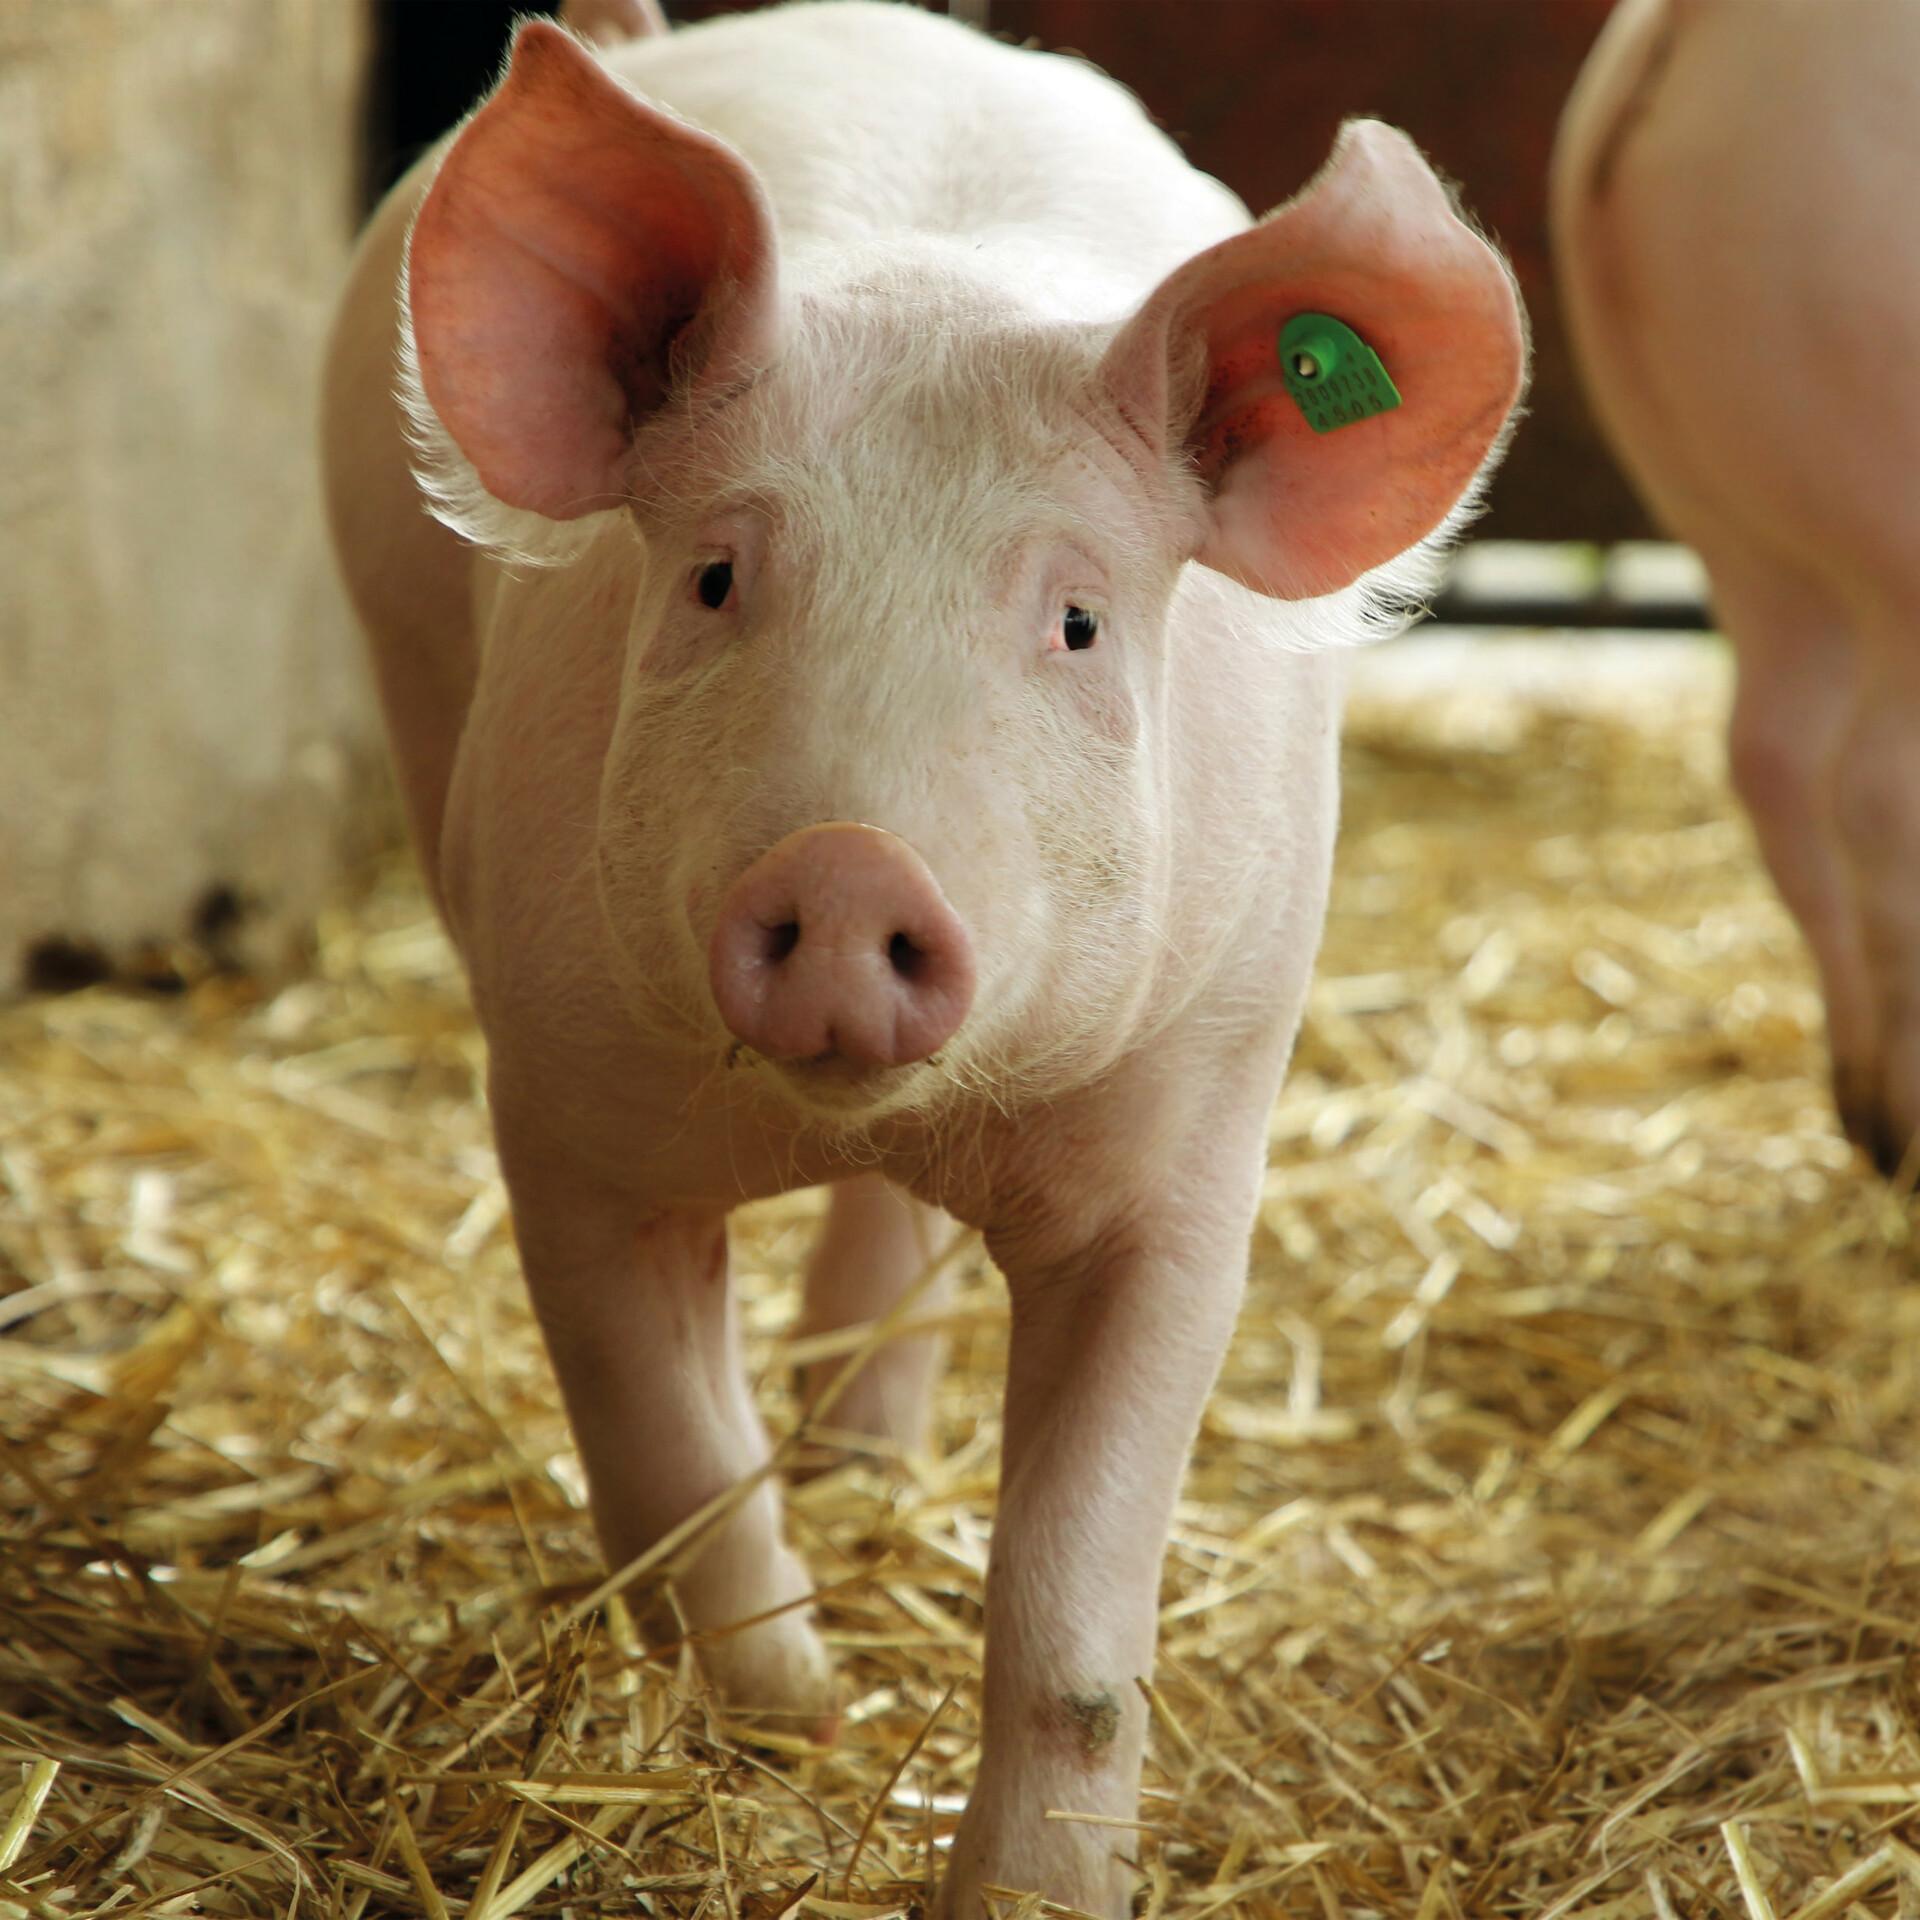 Schwein in artgemäßer Haltung